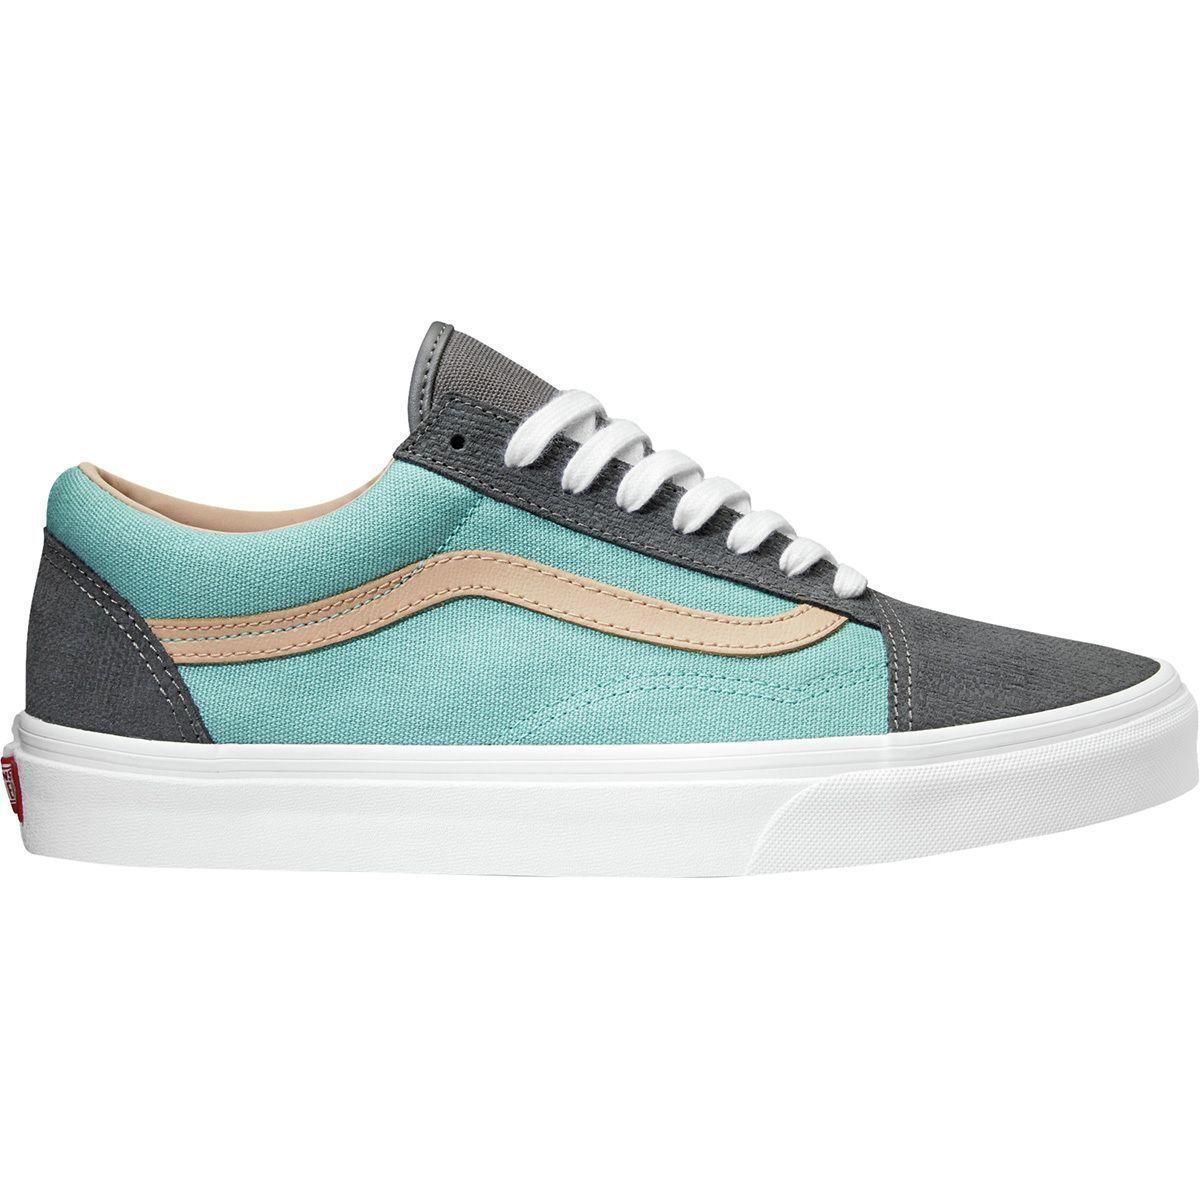 Vans Old Skool Shoe Men S Vans Old Skool Shoes Mens Vans Old Skool Sneaker